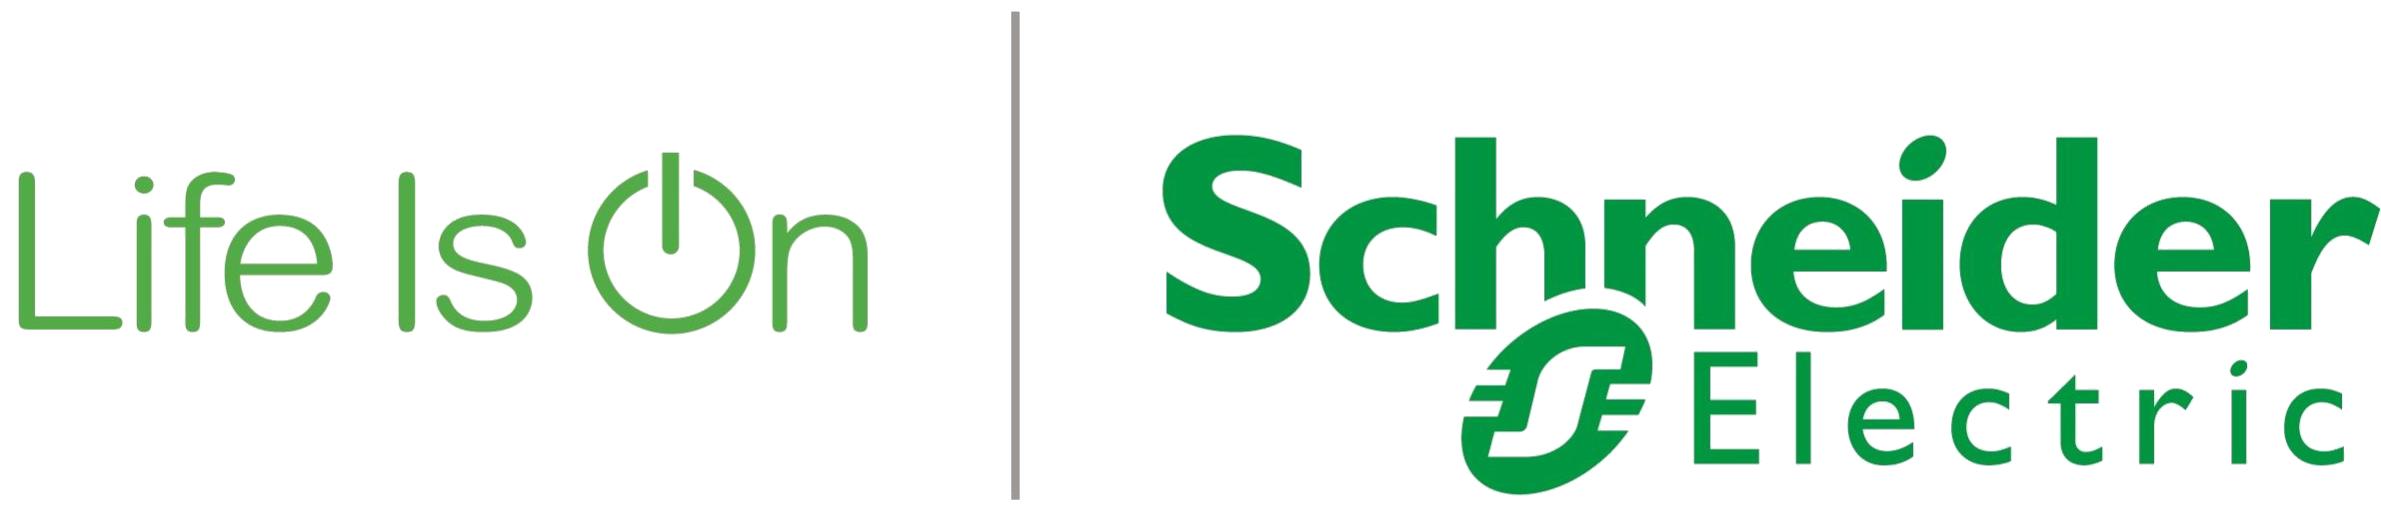 Schneider 2584x1292